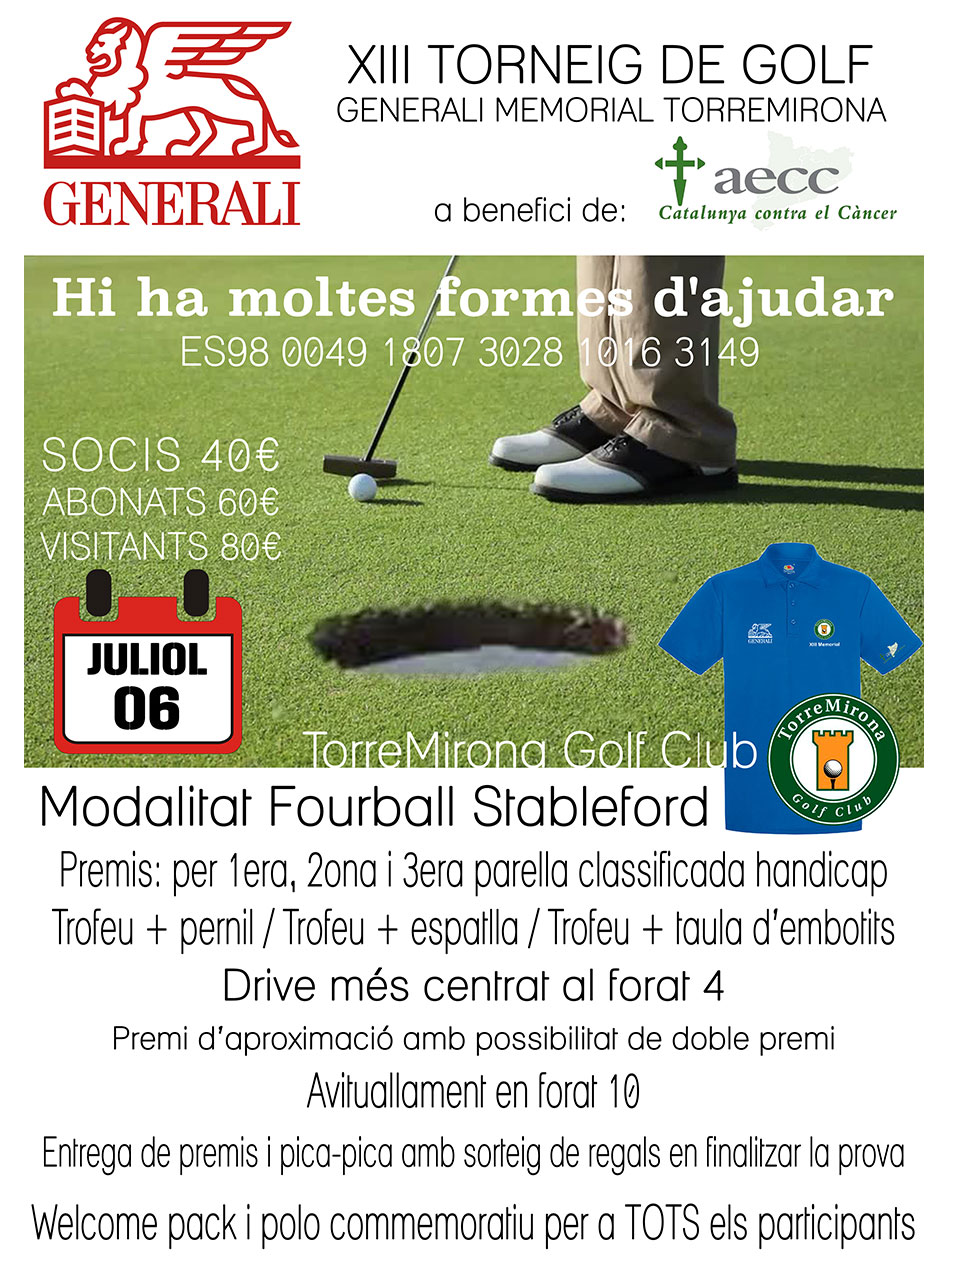 XIII torneig de golf Generali Memorial Torremirona